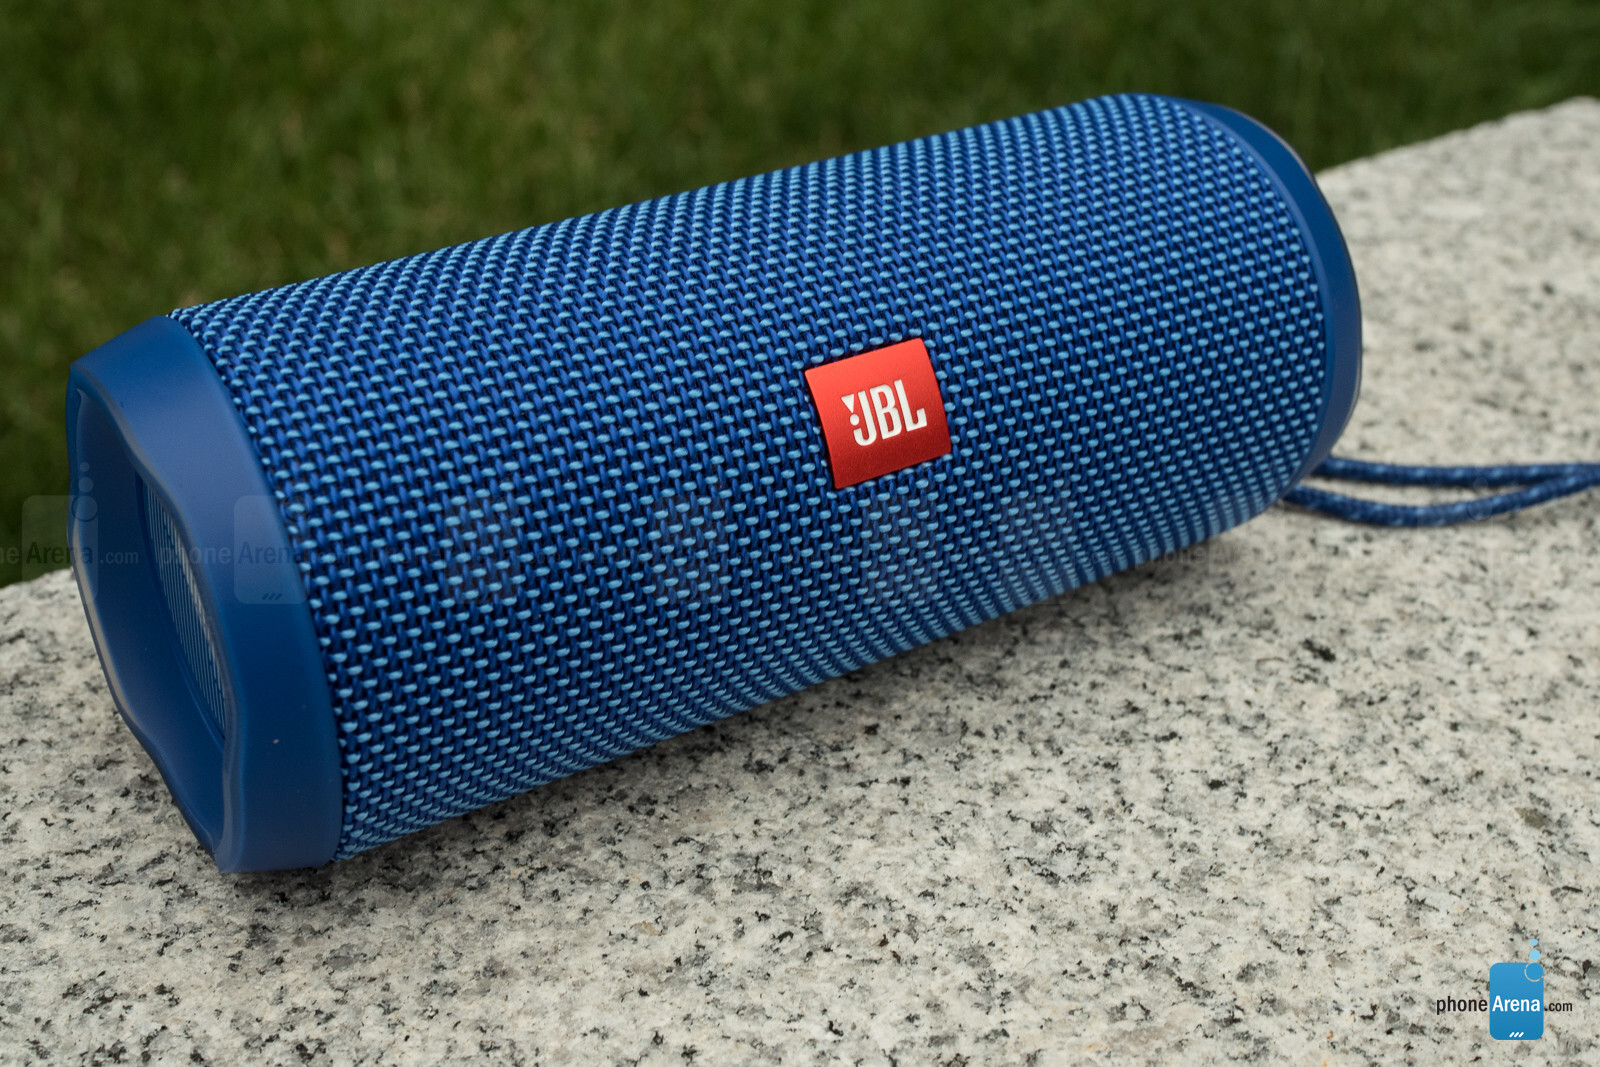 Jbl flip 4 bluetooth speaker review for Housse jbl flip 4